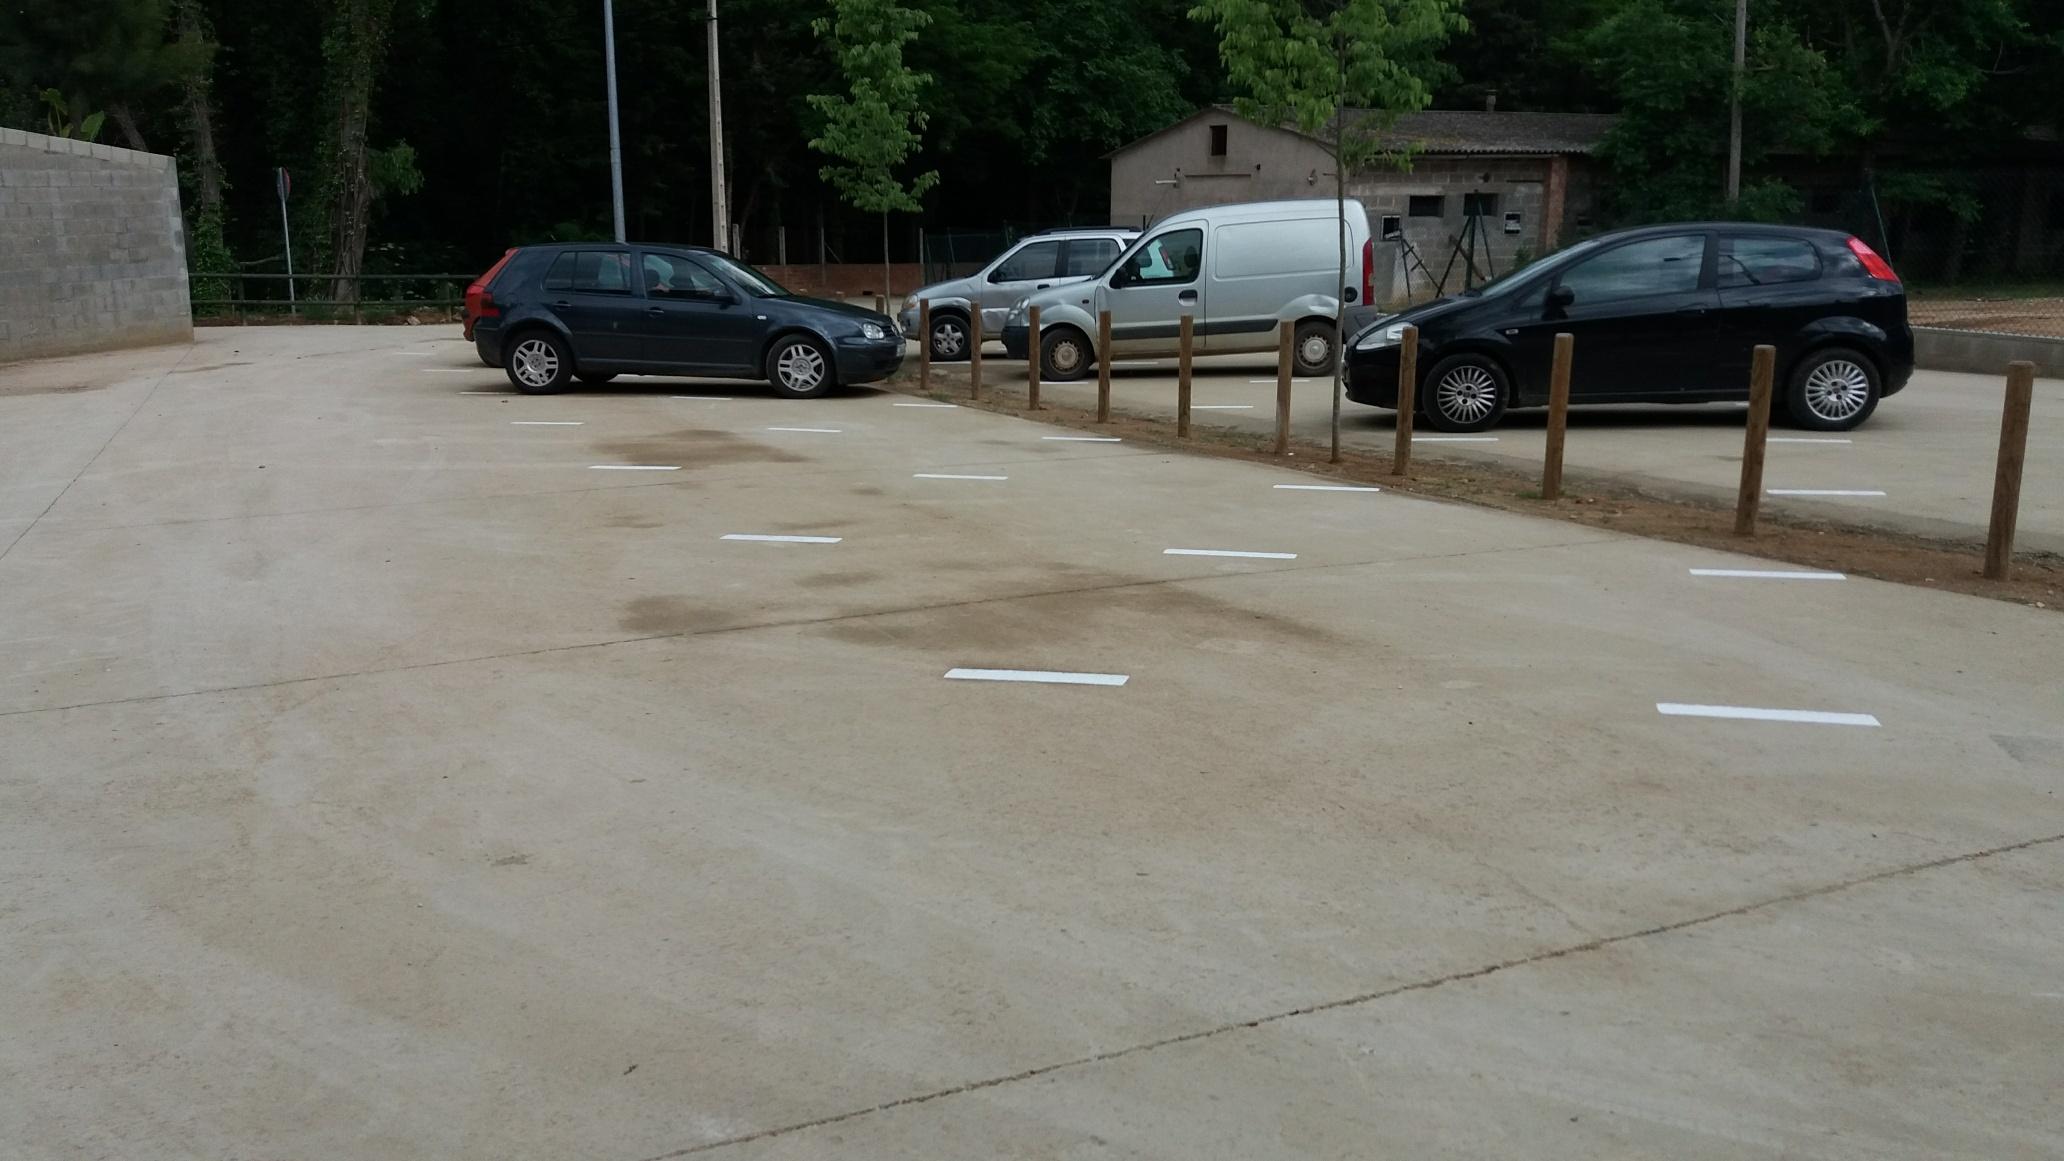 Lladó aparcament_Ssolid3